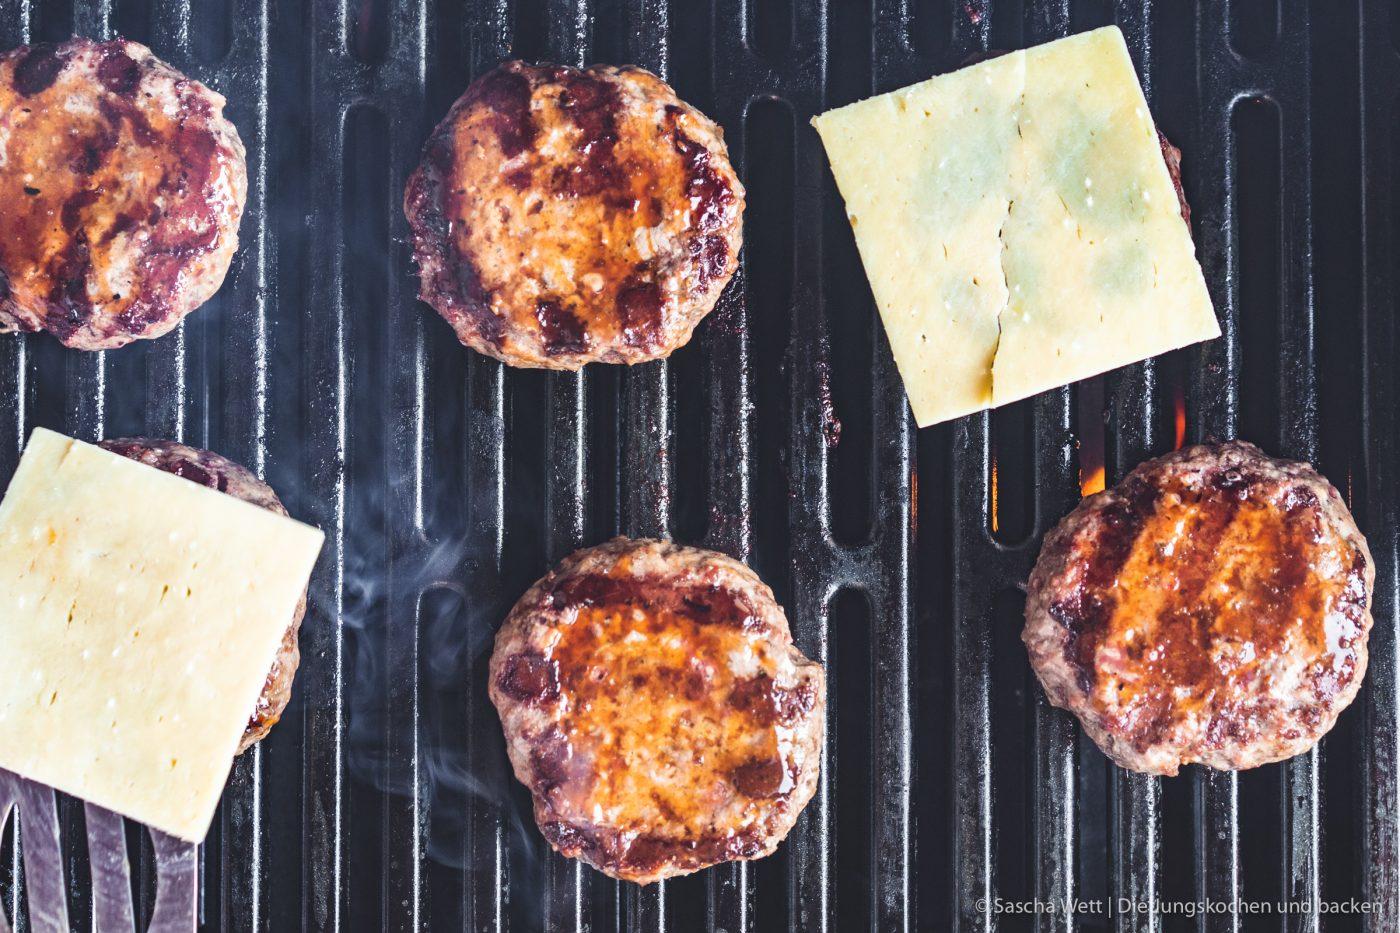 Vintage Cheddar Burger kerrygold 27 | Wir melden uns heute nach den erholsamen Ostertagen wieder mit einem neuen Rezept zurück. Denn auch wenn ihr bestimmt alle mit euren Familien und euren Freunden ein paar leckere Tage verbracht habt, wollen wir euch gleich wieder neue Ideen für danach mit auf den Weg geben. Und dieses Mal auch gleich mit einem yummy Cheeseburger, den wir am Ostersamstag bei den Eltern von Sascha gegrillt haben. Aber nicht einfach irgendein Cheeseburger - ein Cheeseburger mit gegrillter Ananas und Vintage Cheddar!